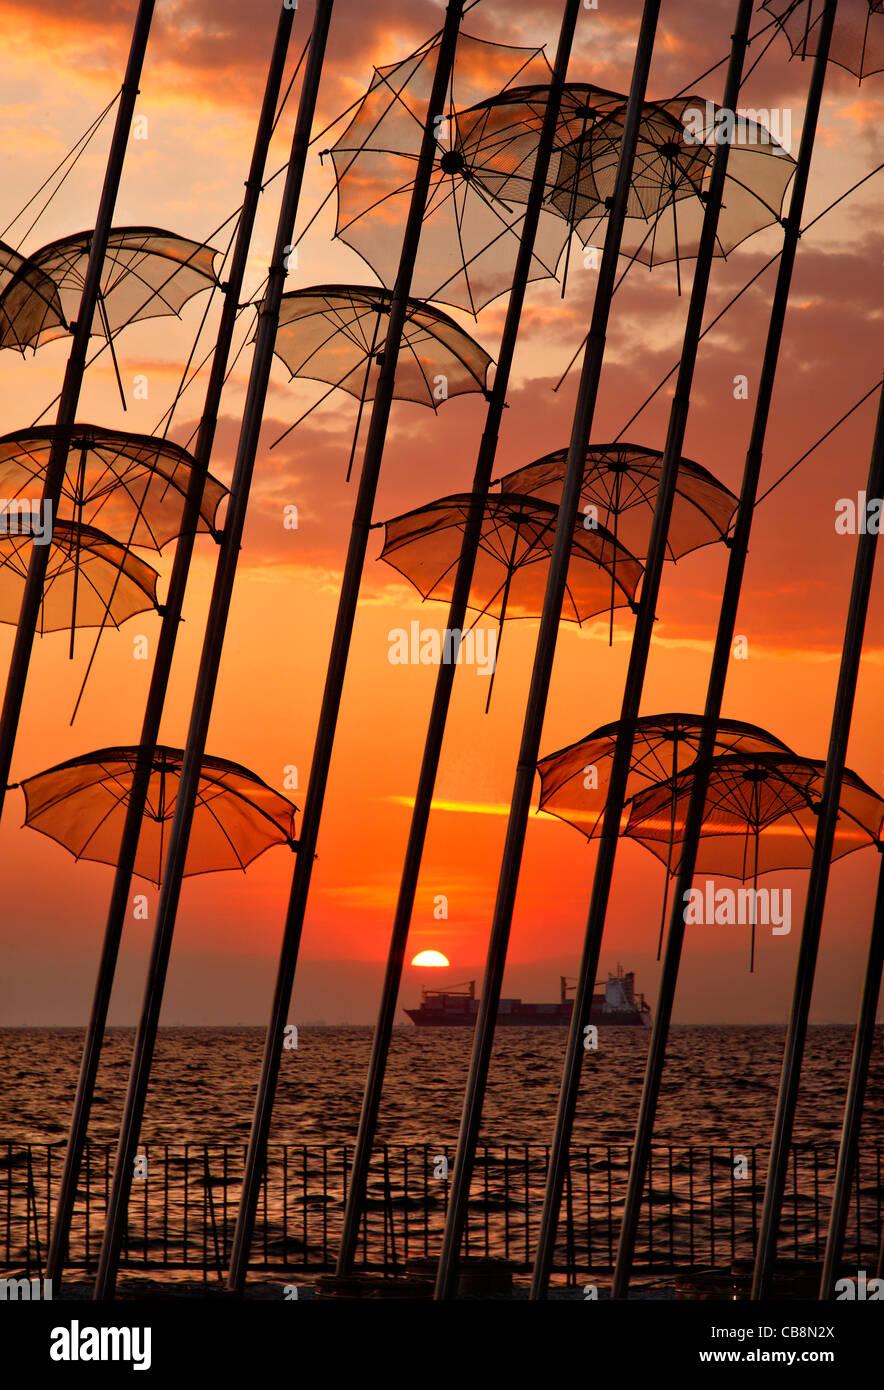 """Griechenland, Thessaloniki.Sunset in """"The Umbrellas', einer künstlerischen Installation von George Stockbild"""